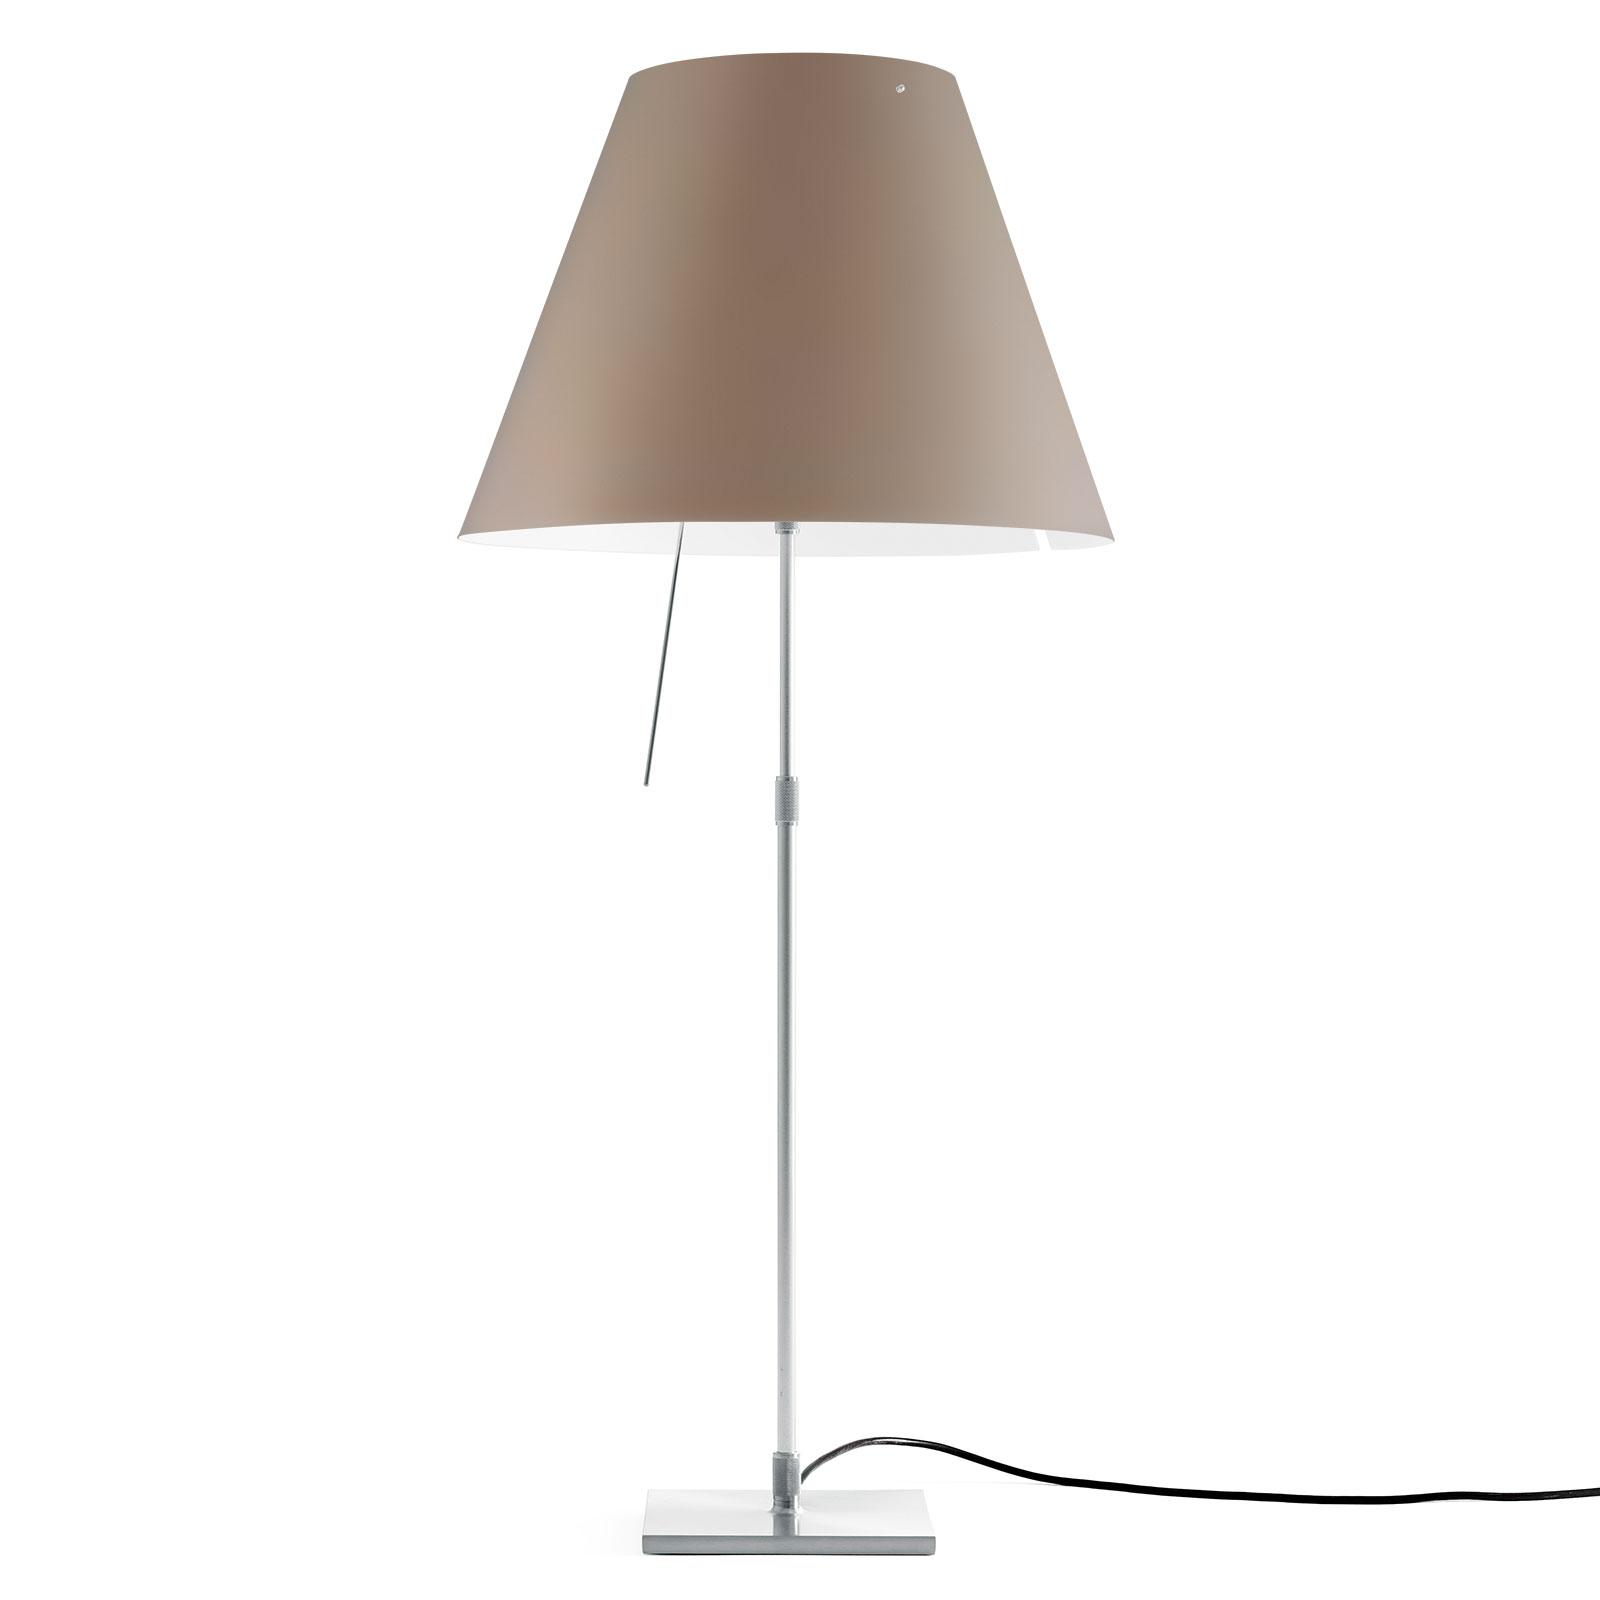 Luceplan Costanza tafellamp D13i alu/nougat